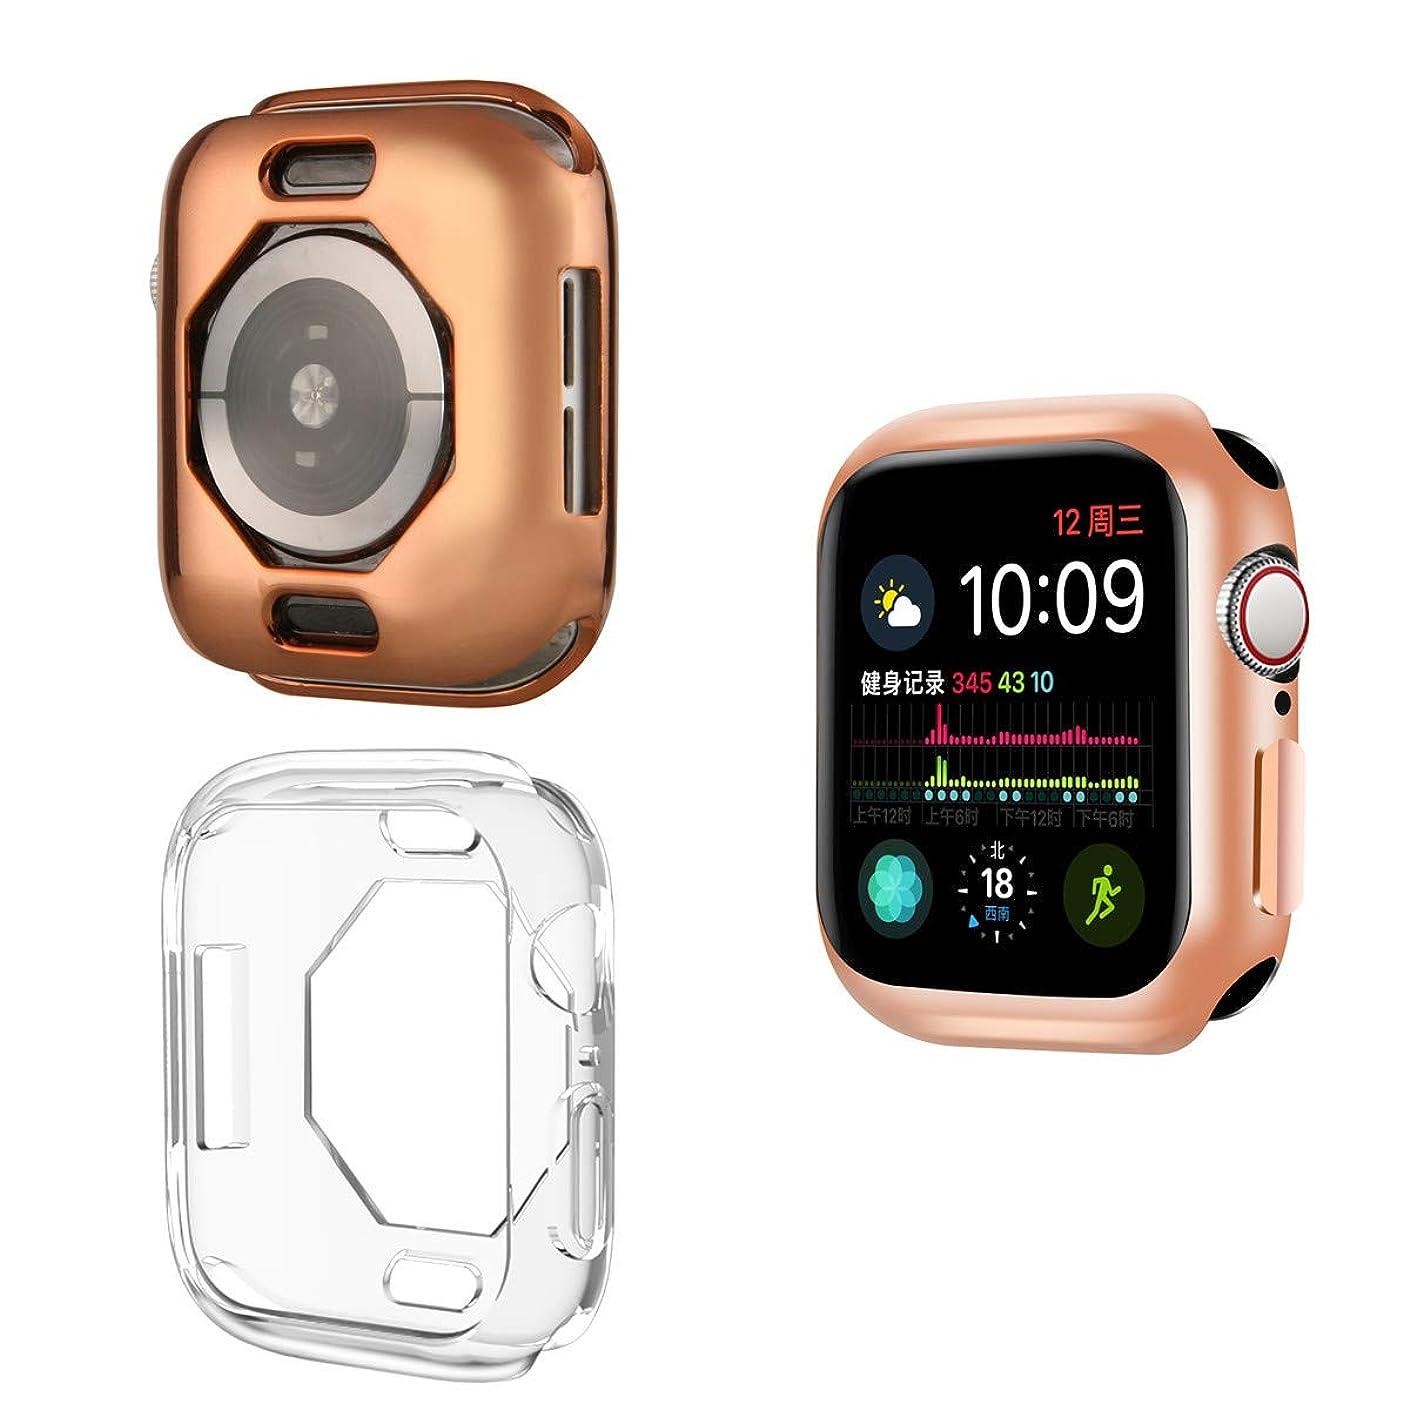 コックフィード抑圧[ 2枚入り ] Compatible With Apple Watch Series 4 40mm / 44mm TPU Case めっき色ケース, [ 落 冲 撃 ] ] [ TPU ケース ] ラギッド?アーマー アップルウォッチ シリー ズーズ 4 対応 (Series4 44mm, ローズゴールド+透明な色)